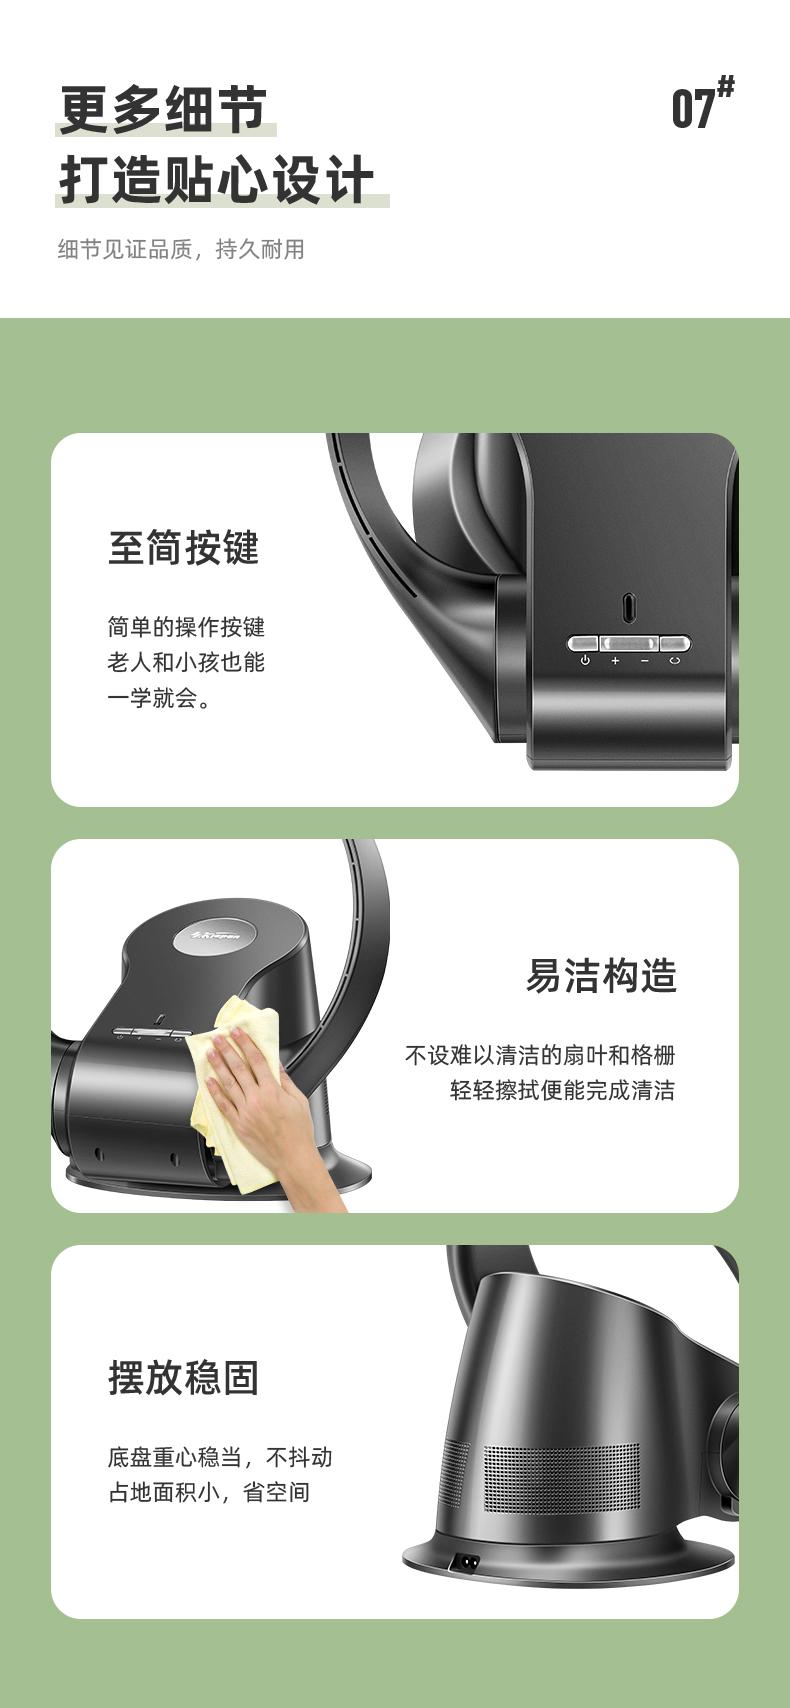 无叶风扇挂壁式新款电风扇摇头家用无扇叶电风扇遥控臺式风扇详细照片